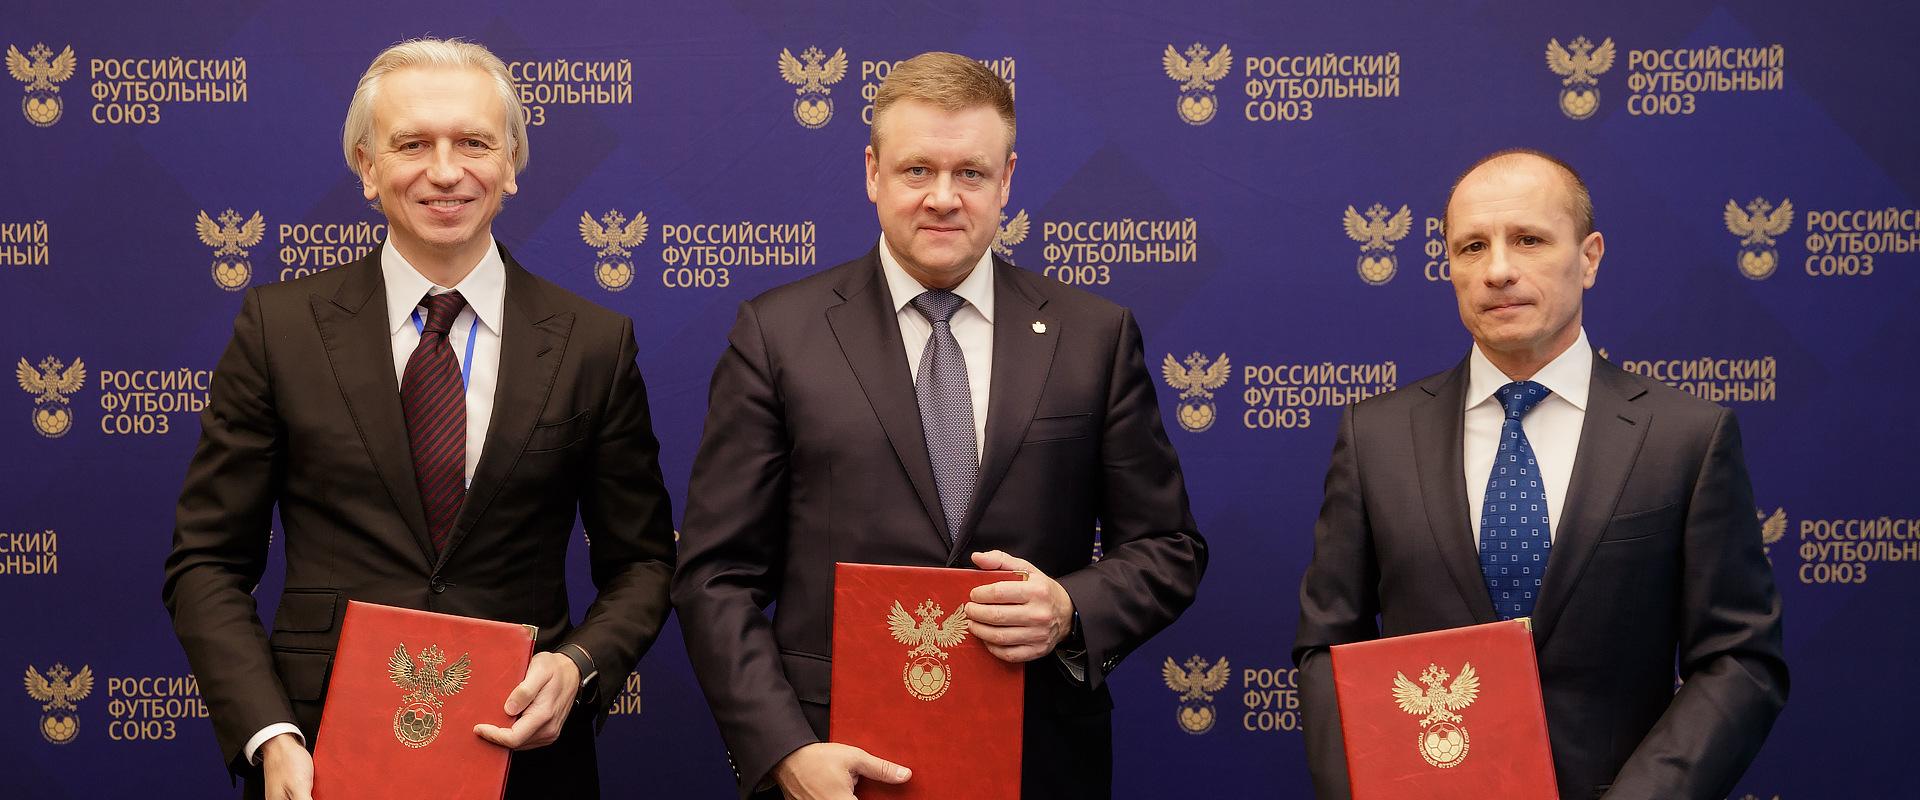 РФС заключил соглашение о развитии футбола в Рязанской области